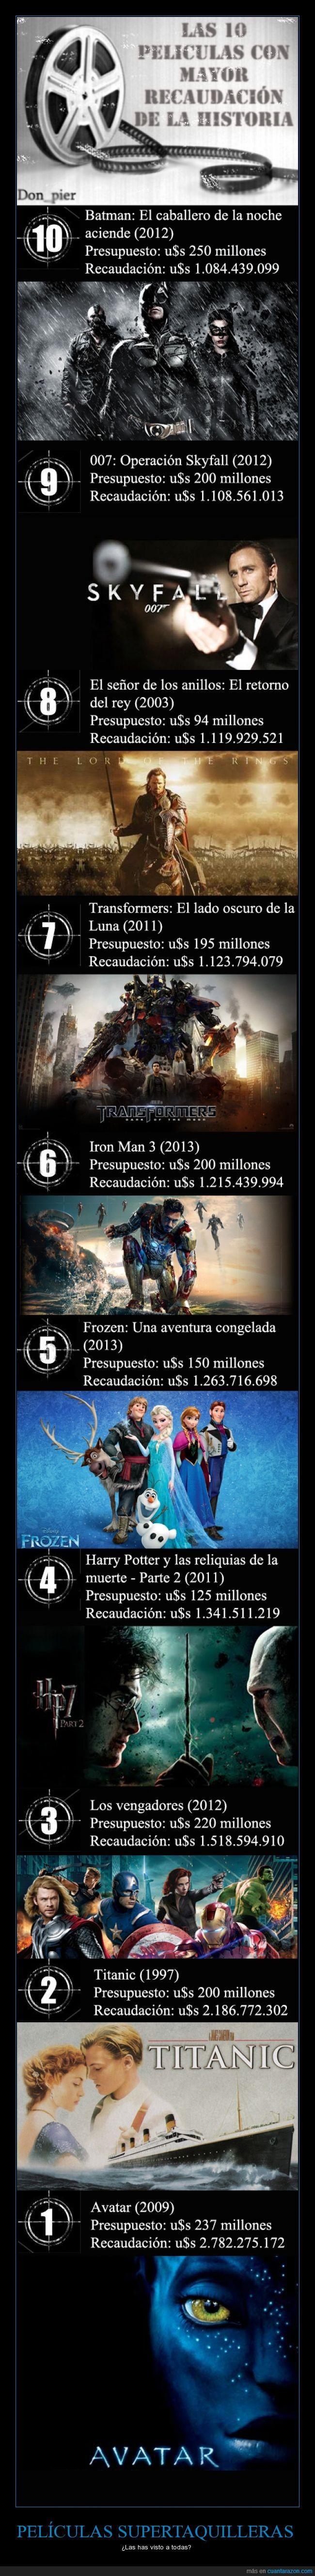 007,avatar,batman,el señor de los anillos,frozen,harry potter,iron man,los vengadores,películas,recaudación,titanic,top 10,transformers